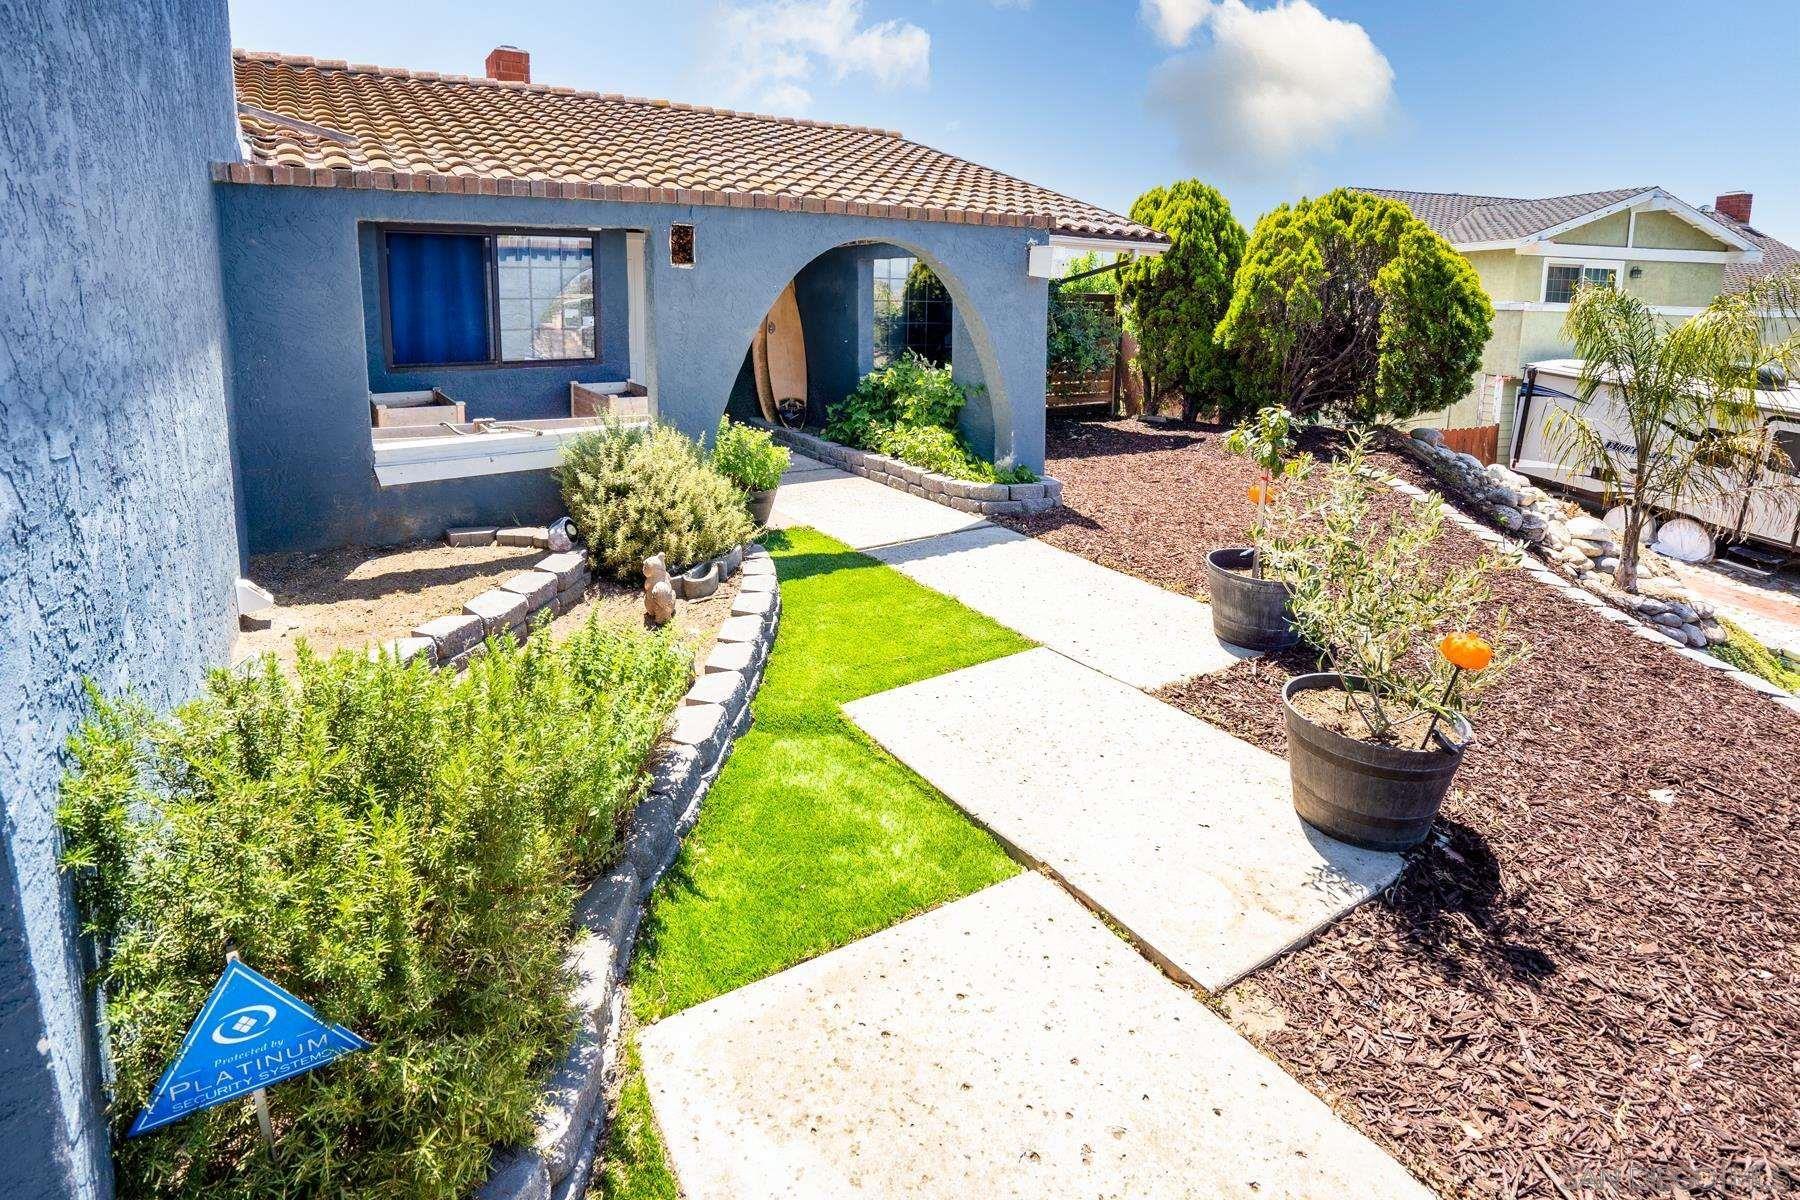 Photo of 1286 Rippey St, El Cajon, CA 92020 (MLS # 210015350)